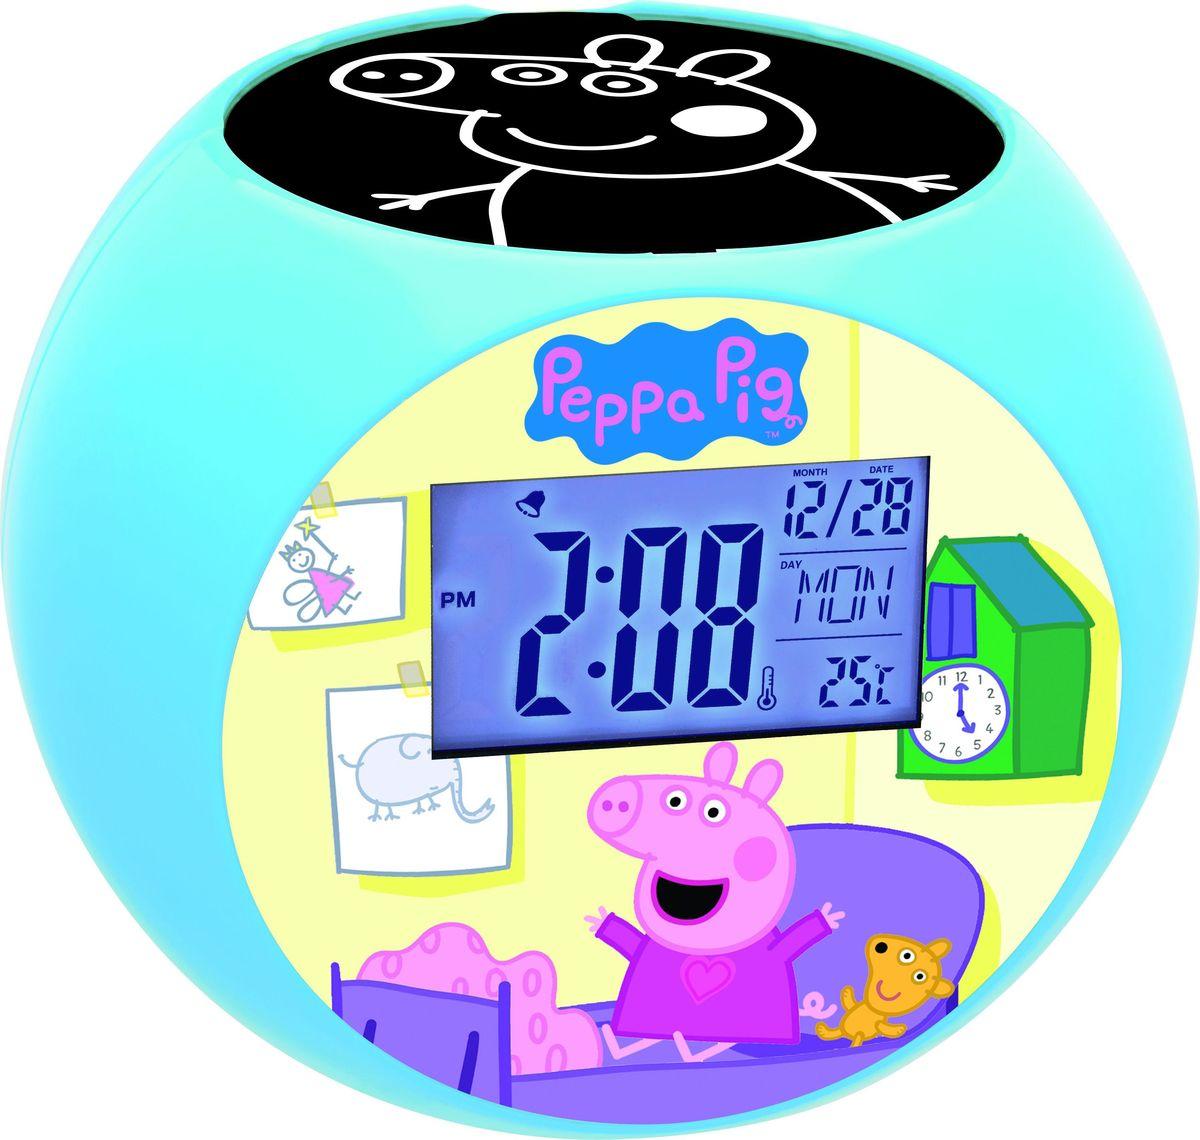 Lexibook Часы-прожектор Свинка Пеппа267388Ваши любимые герои теперь будут еще ближе! Стильные и удобные радио-часы с ЖК экраном, сделанные в дизайне героев мультфильма с функциями будильника, ночника и проектора, который проецирует время и картинки на потолок. Благодаря 10-ти встроенным в радио-часы звукам природы вы можете расслабиться в любое время!Продукт произведен по официальной лицензии, прекрасный подарок детям и их родителям!